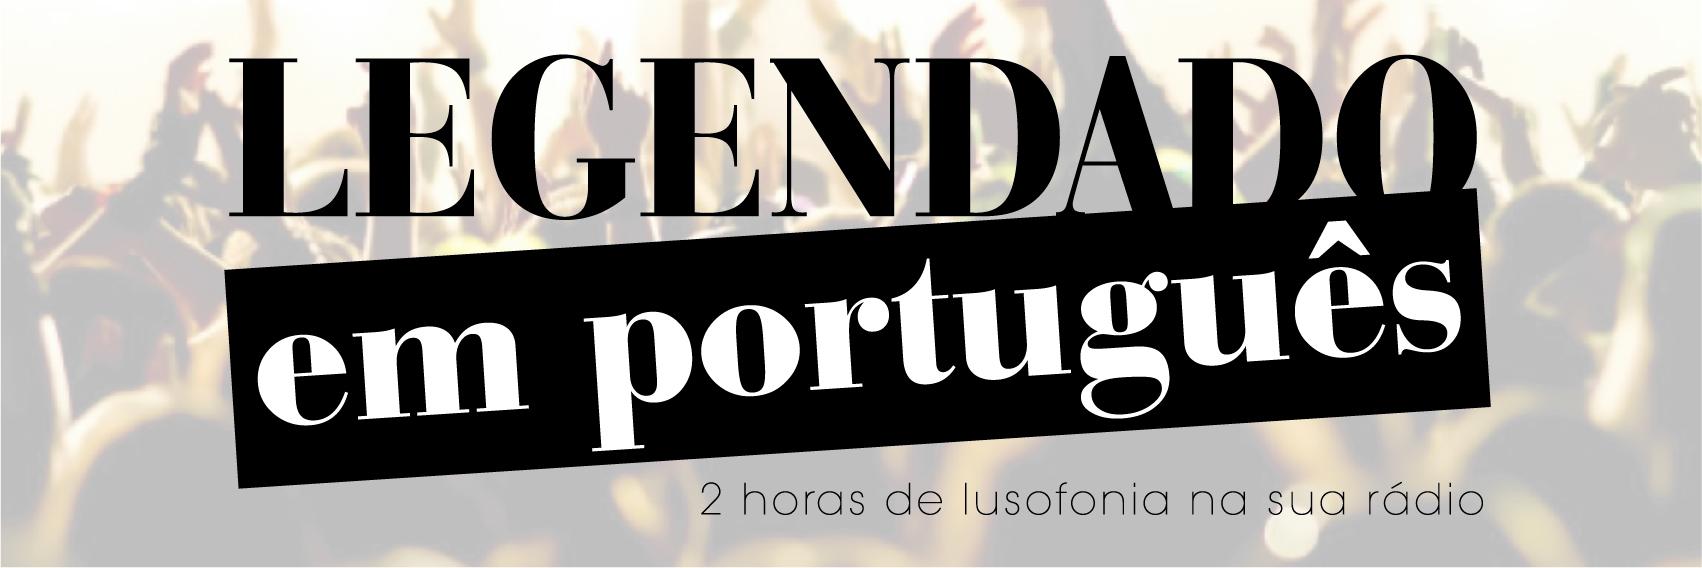 Img Legendado em Português